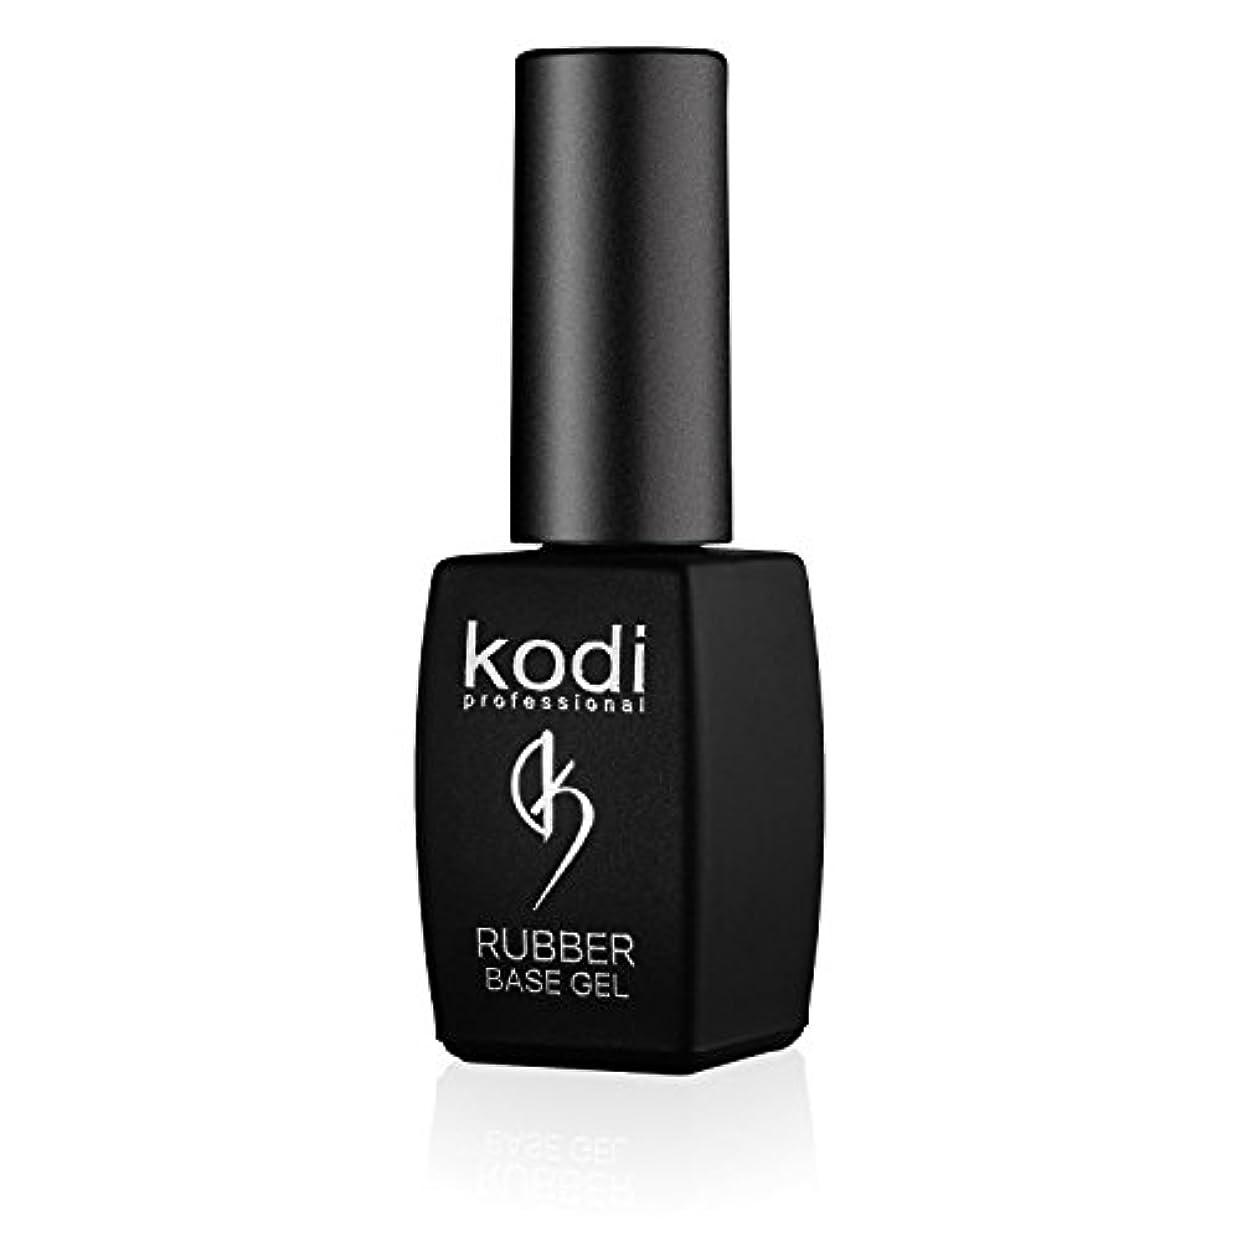 記憶欲しいです加速するProfessional Rubber Base Gel By Kodi | 8ml 0.27 oz | Soak Off, Polish Fingernails Coat Gel | For Long Lasting...